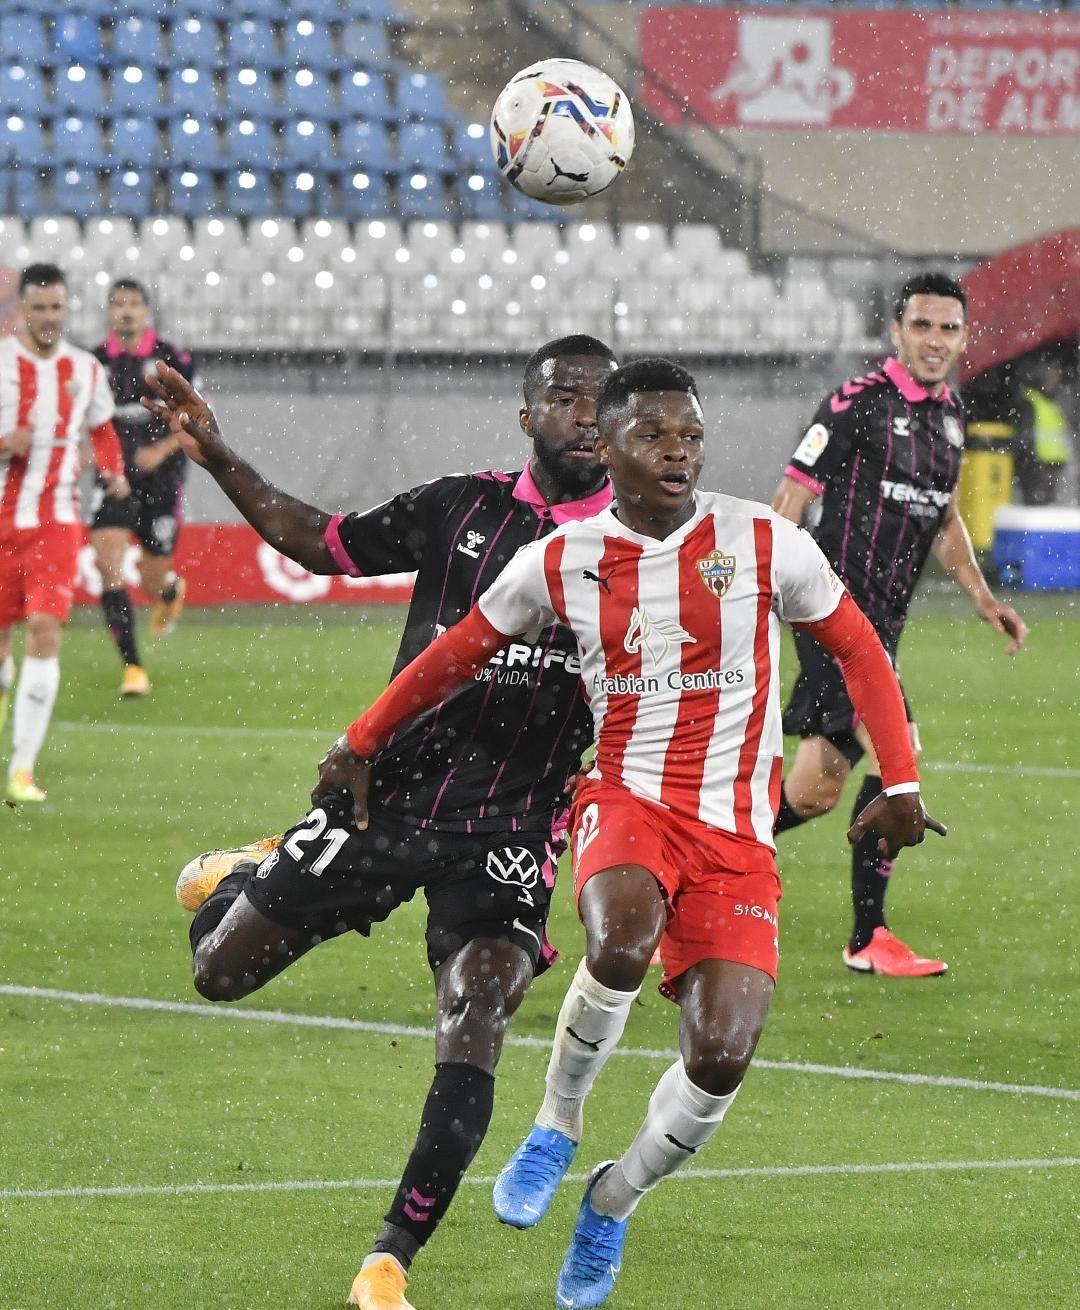 El Tenerife cae ante el Almería (2-0)